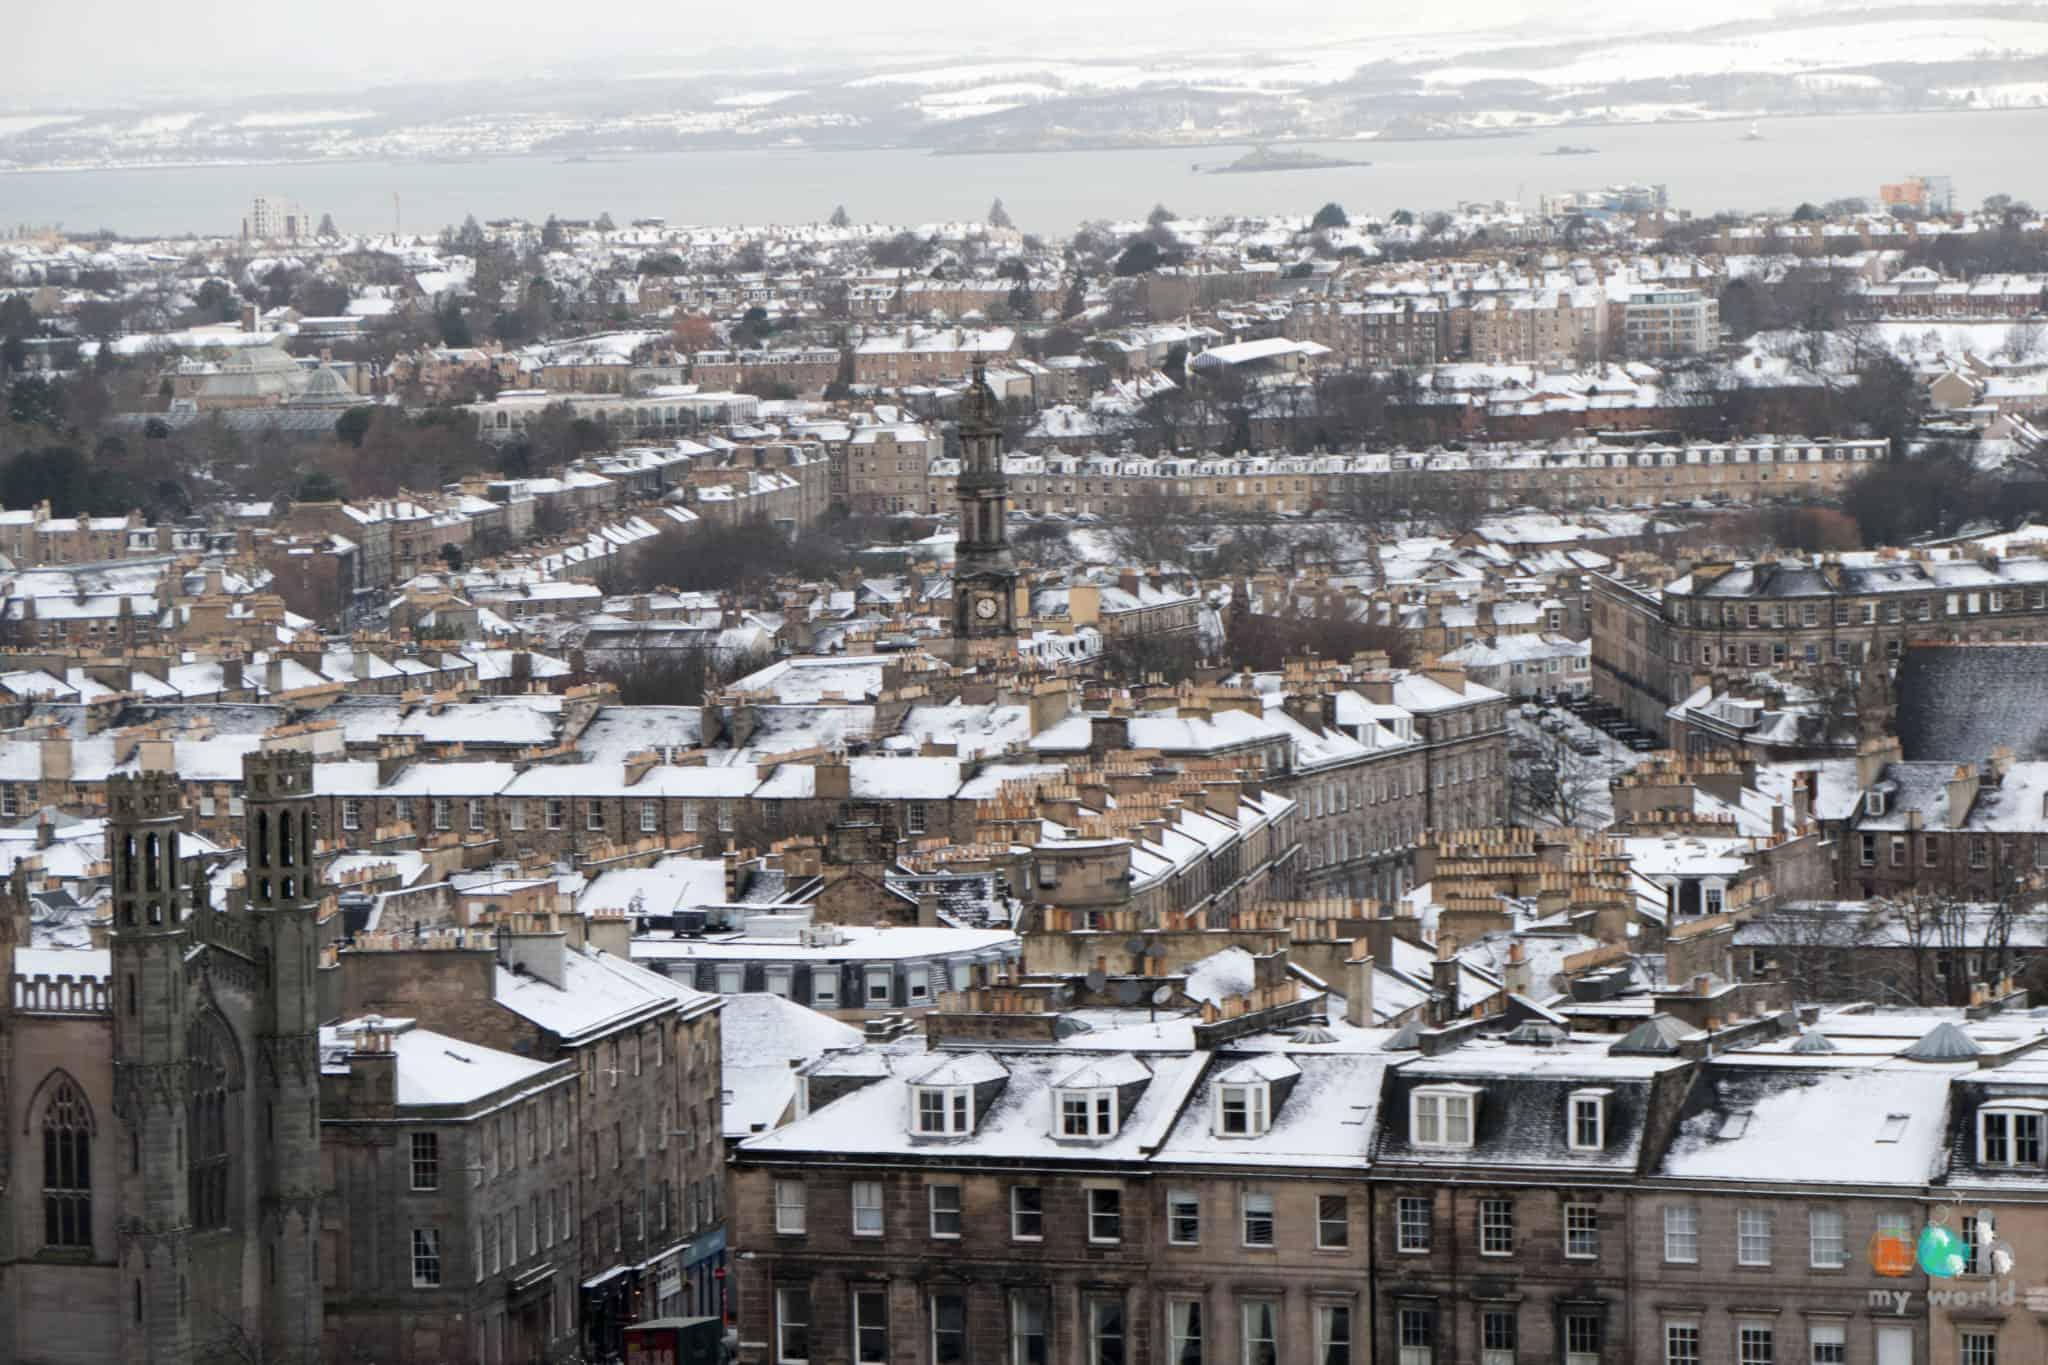 Les toits enneigés d'Edimbourg